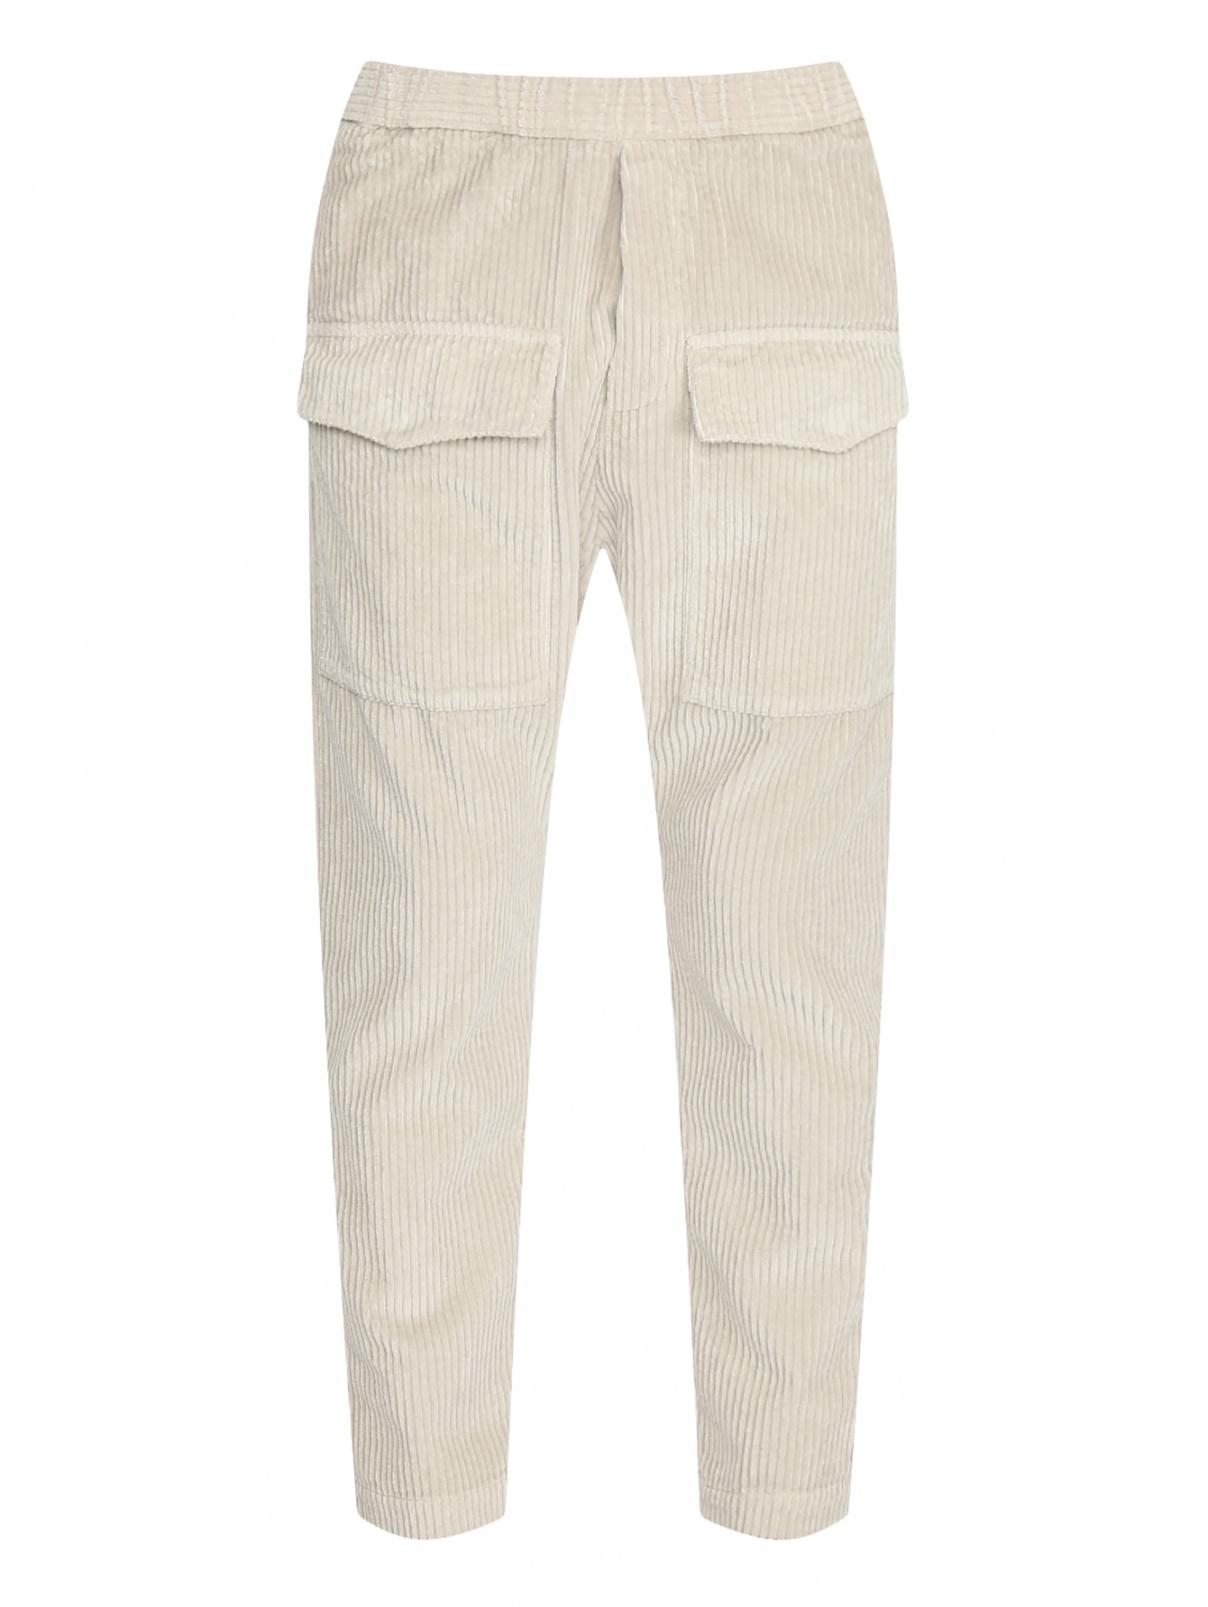 Вельветовые брюки из хлопка с накладными карманами Barena  –  Общий вид